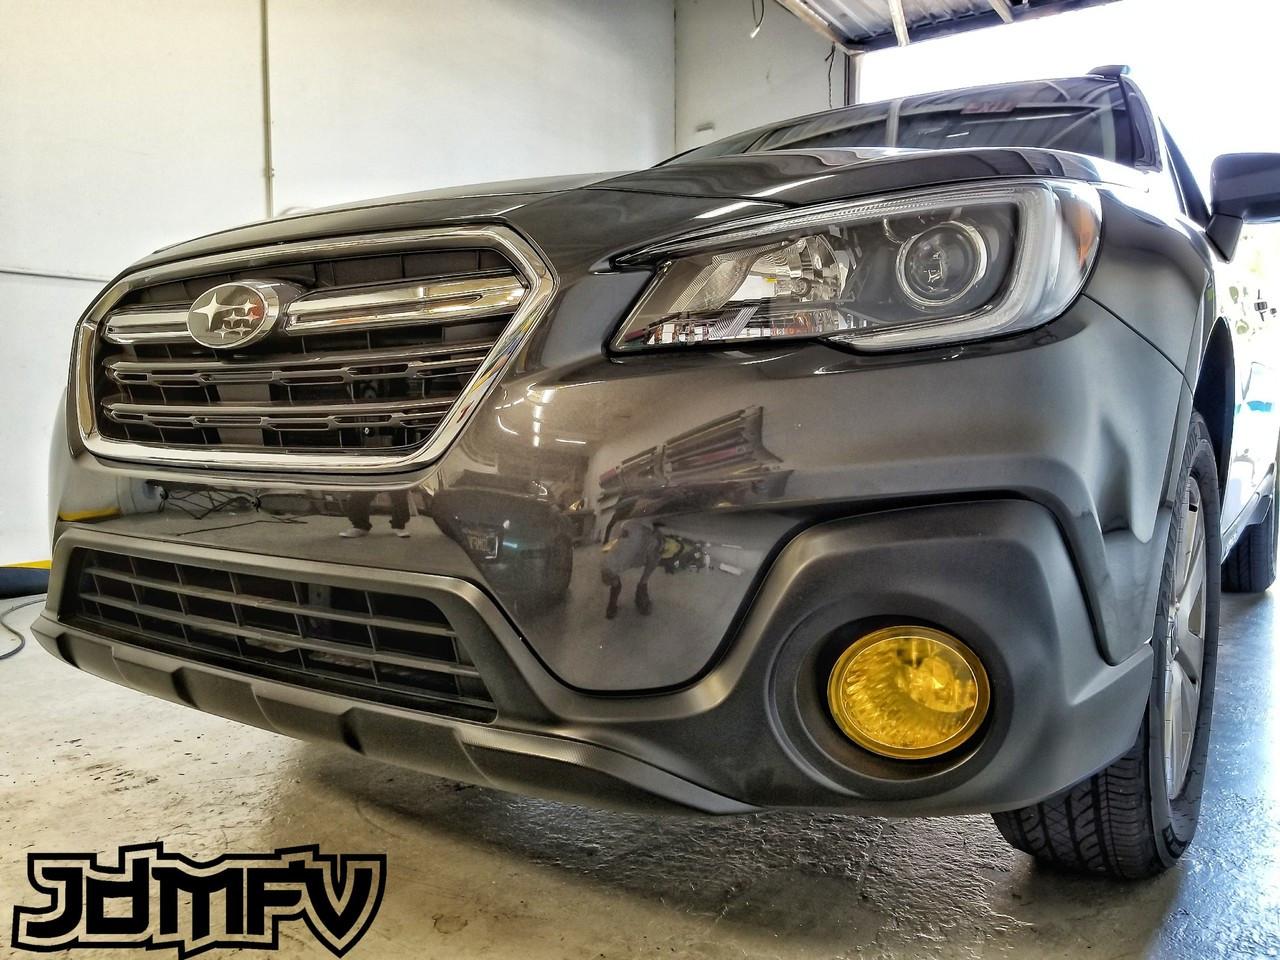 Subaru Outback Fog Light Wiring